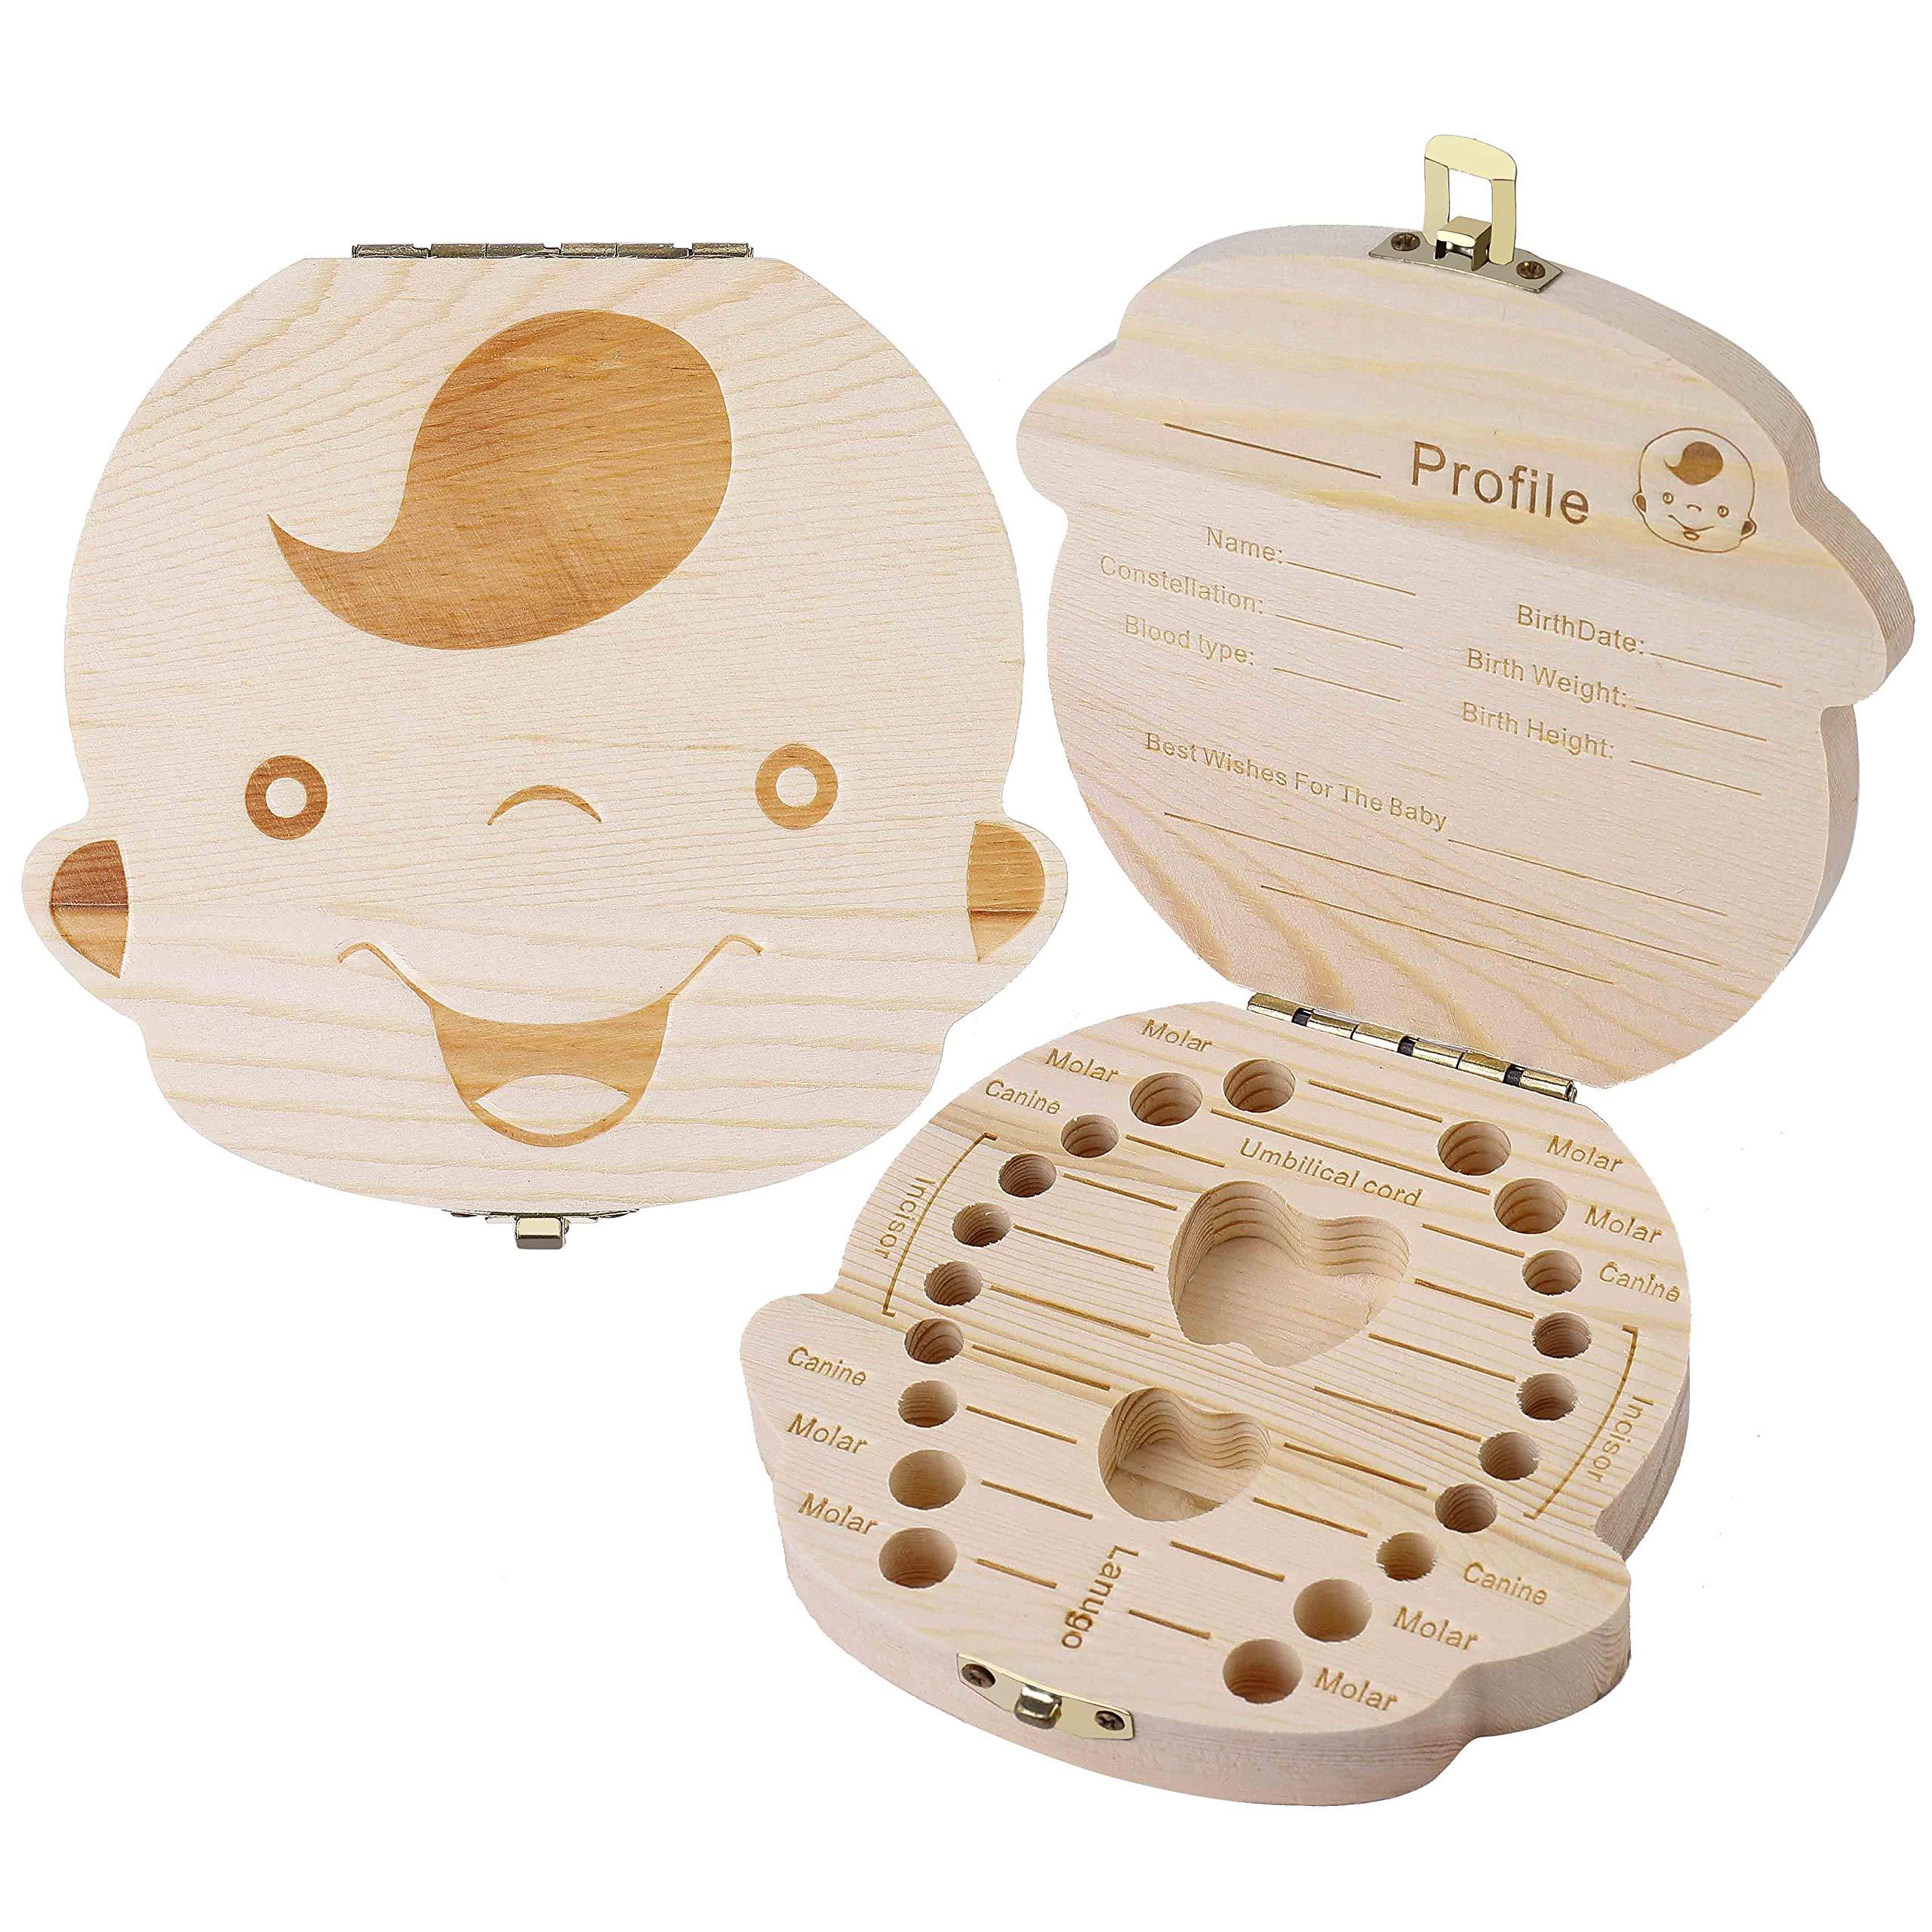 bo/îte de rangement pour dents de b/éb/é Sauvegarder dans une bo/îte de rangement en bois Bo/îte /à souvenirs /à feuilles caduques personnalis/ée Bo/îte /à dents pour enfants